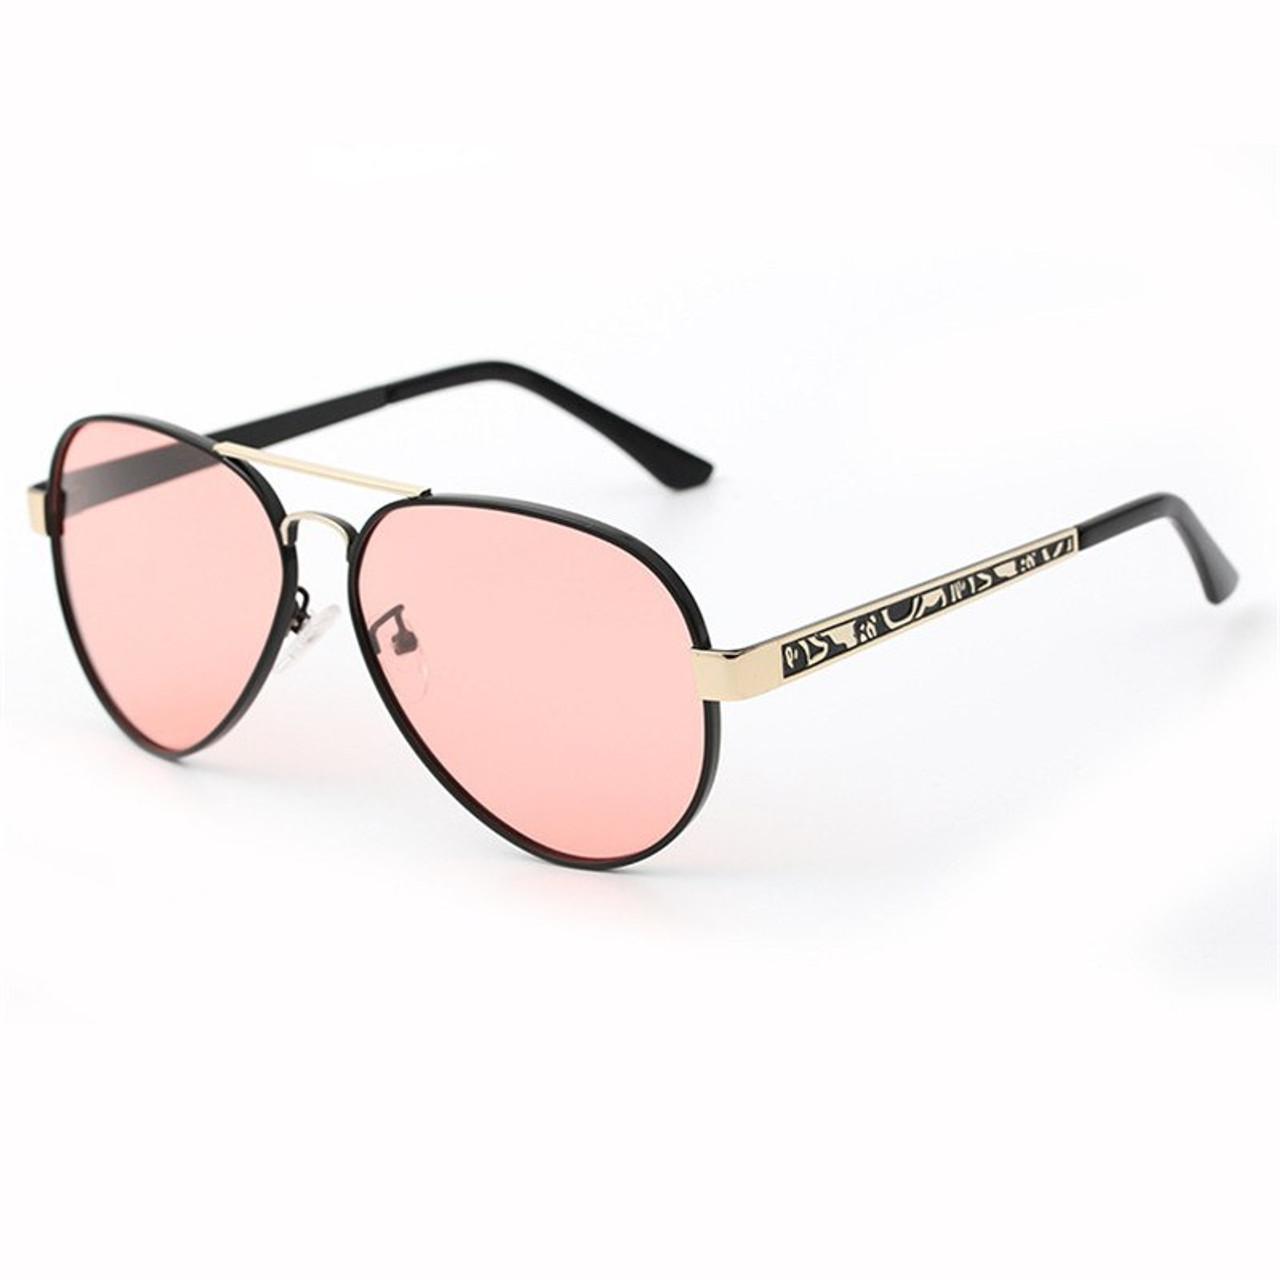 9c52b65458f ... Vazrobe Photochromic Polarized Sunglasses Men Women Day Night Driving  Sun Glasses for Man Transition Chameleon Aviation ...